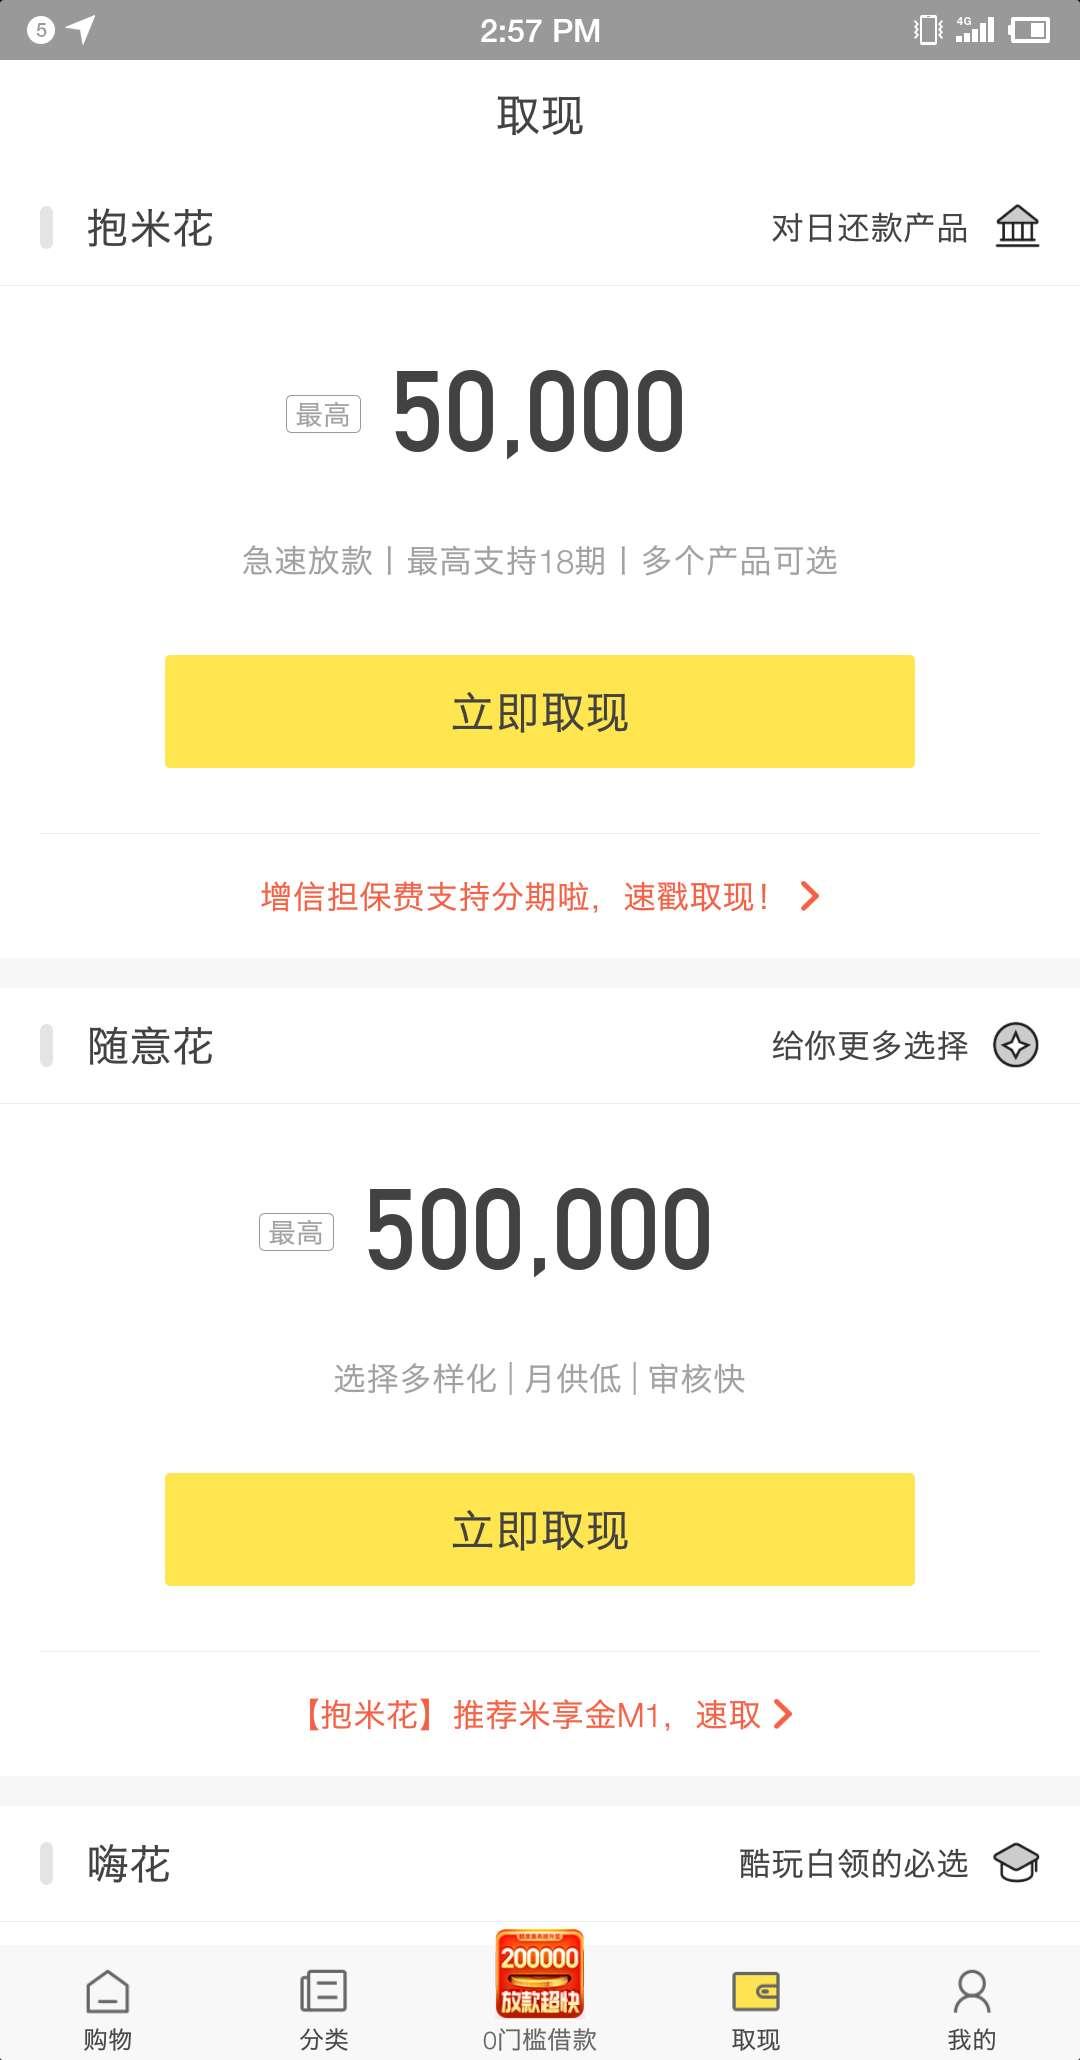 #爱又米#抱米花及嗨花最高可申请50000老哥下午好!丸子说:爱又 ...93 / 作者:卡农丸子 /